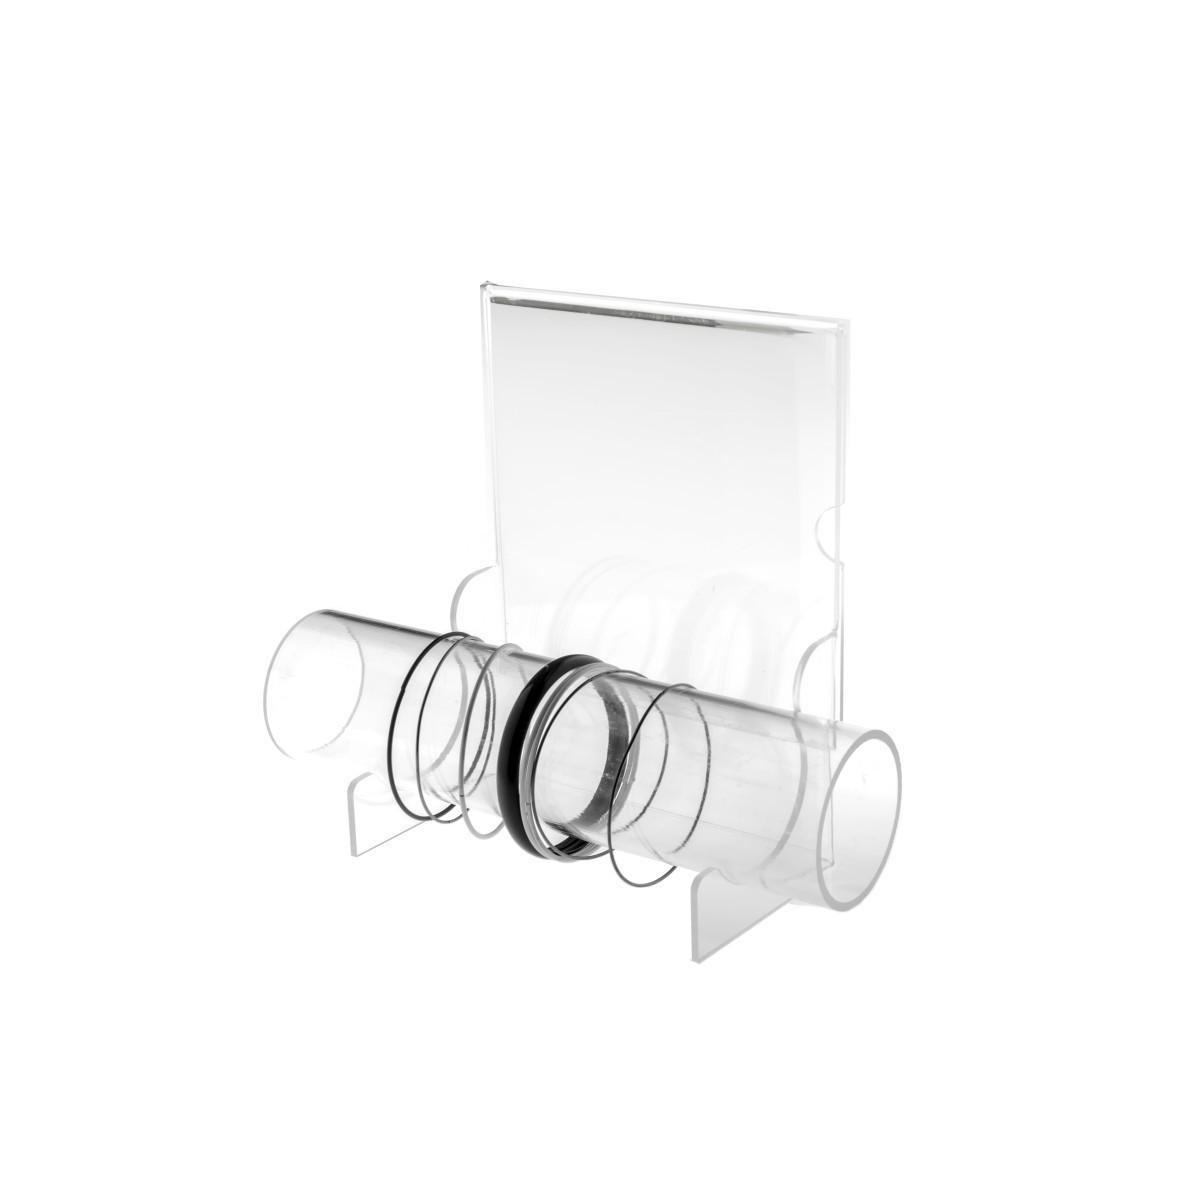 E-092 PB-E - Porta bracciali in plexiglass trasparente con tubo e pannello porta pubblicità - Misure: 25 x 9 x H20 cm